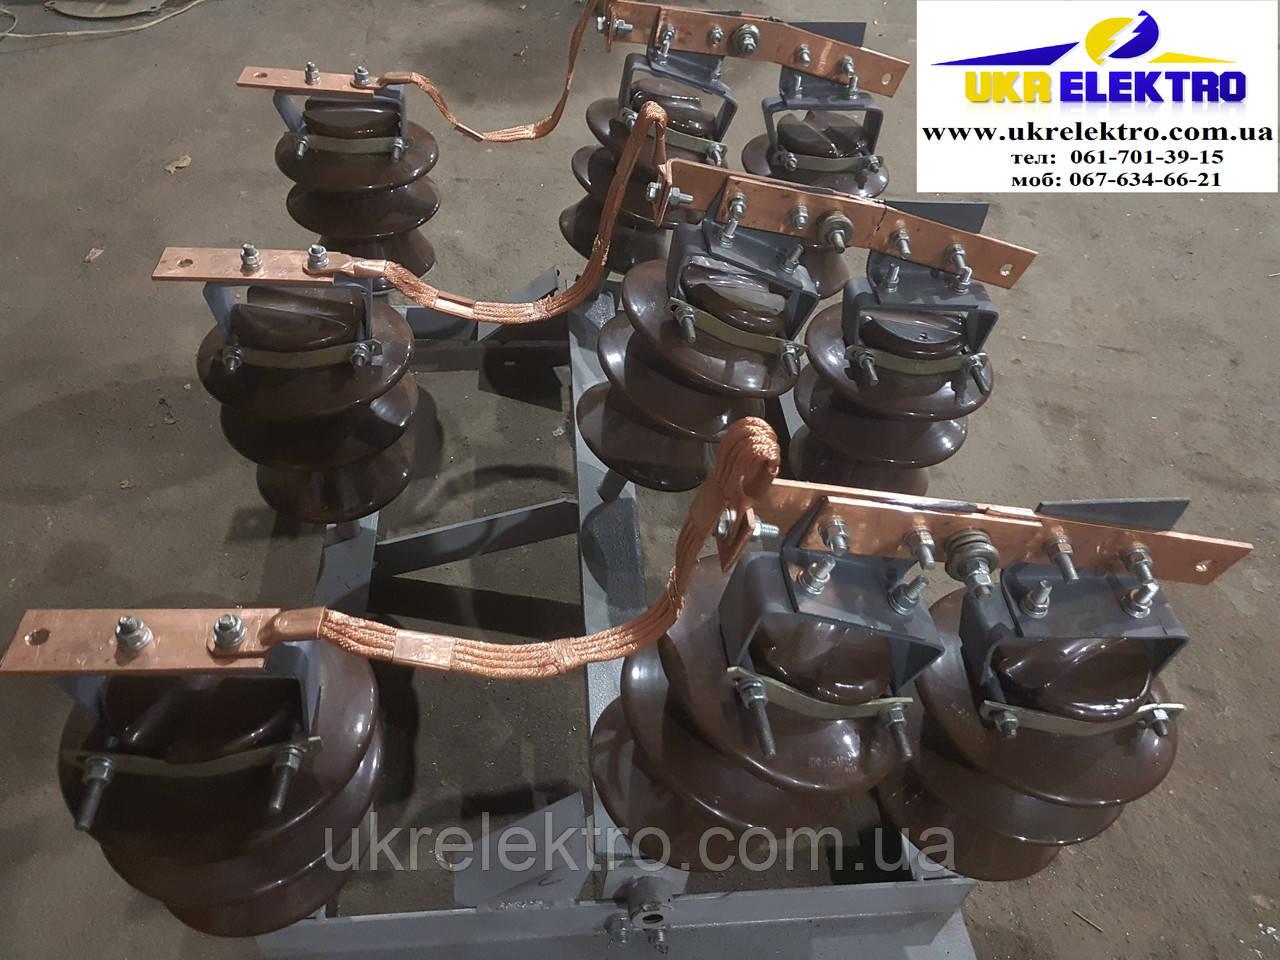 Разъединитель РЛН-10/400 рубящего типа наружной установки